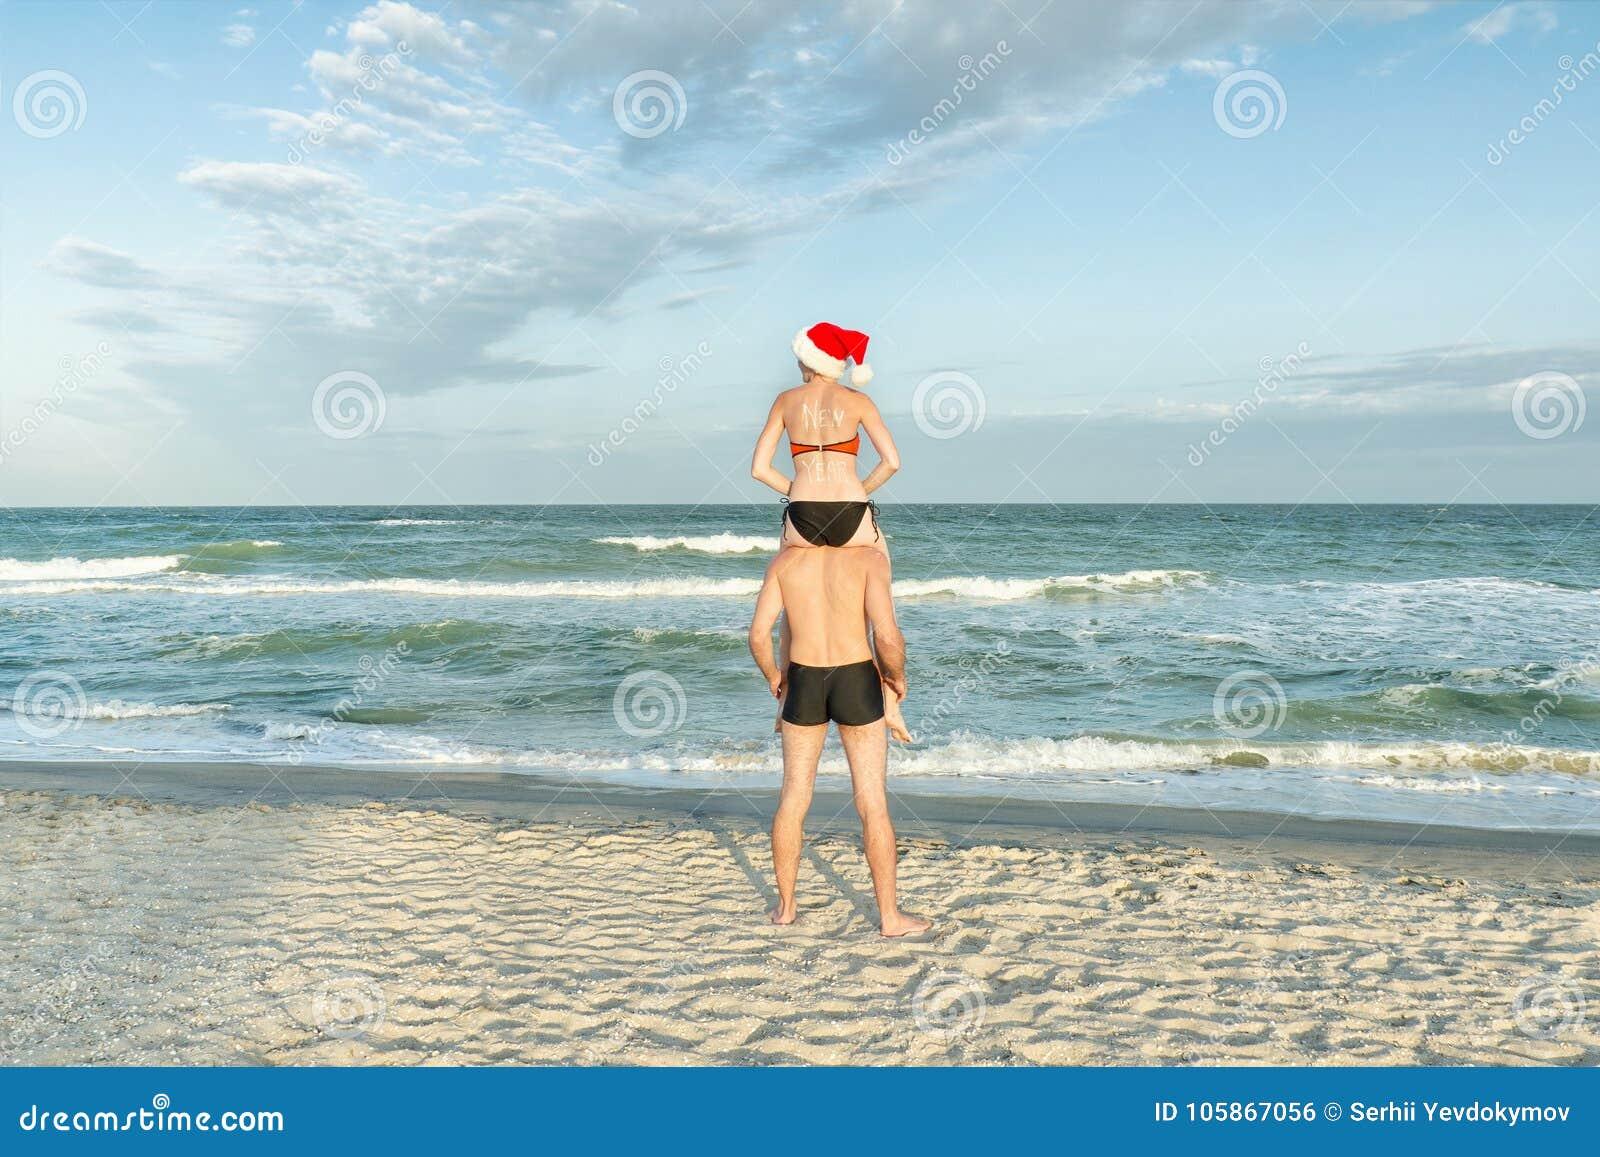 Девушка и парень на берегу море фото